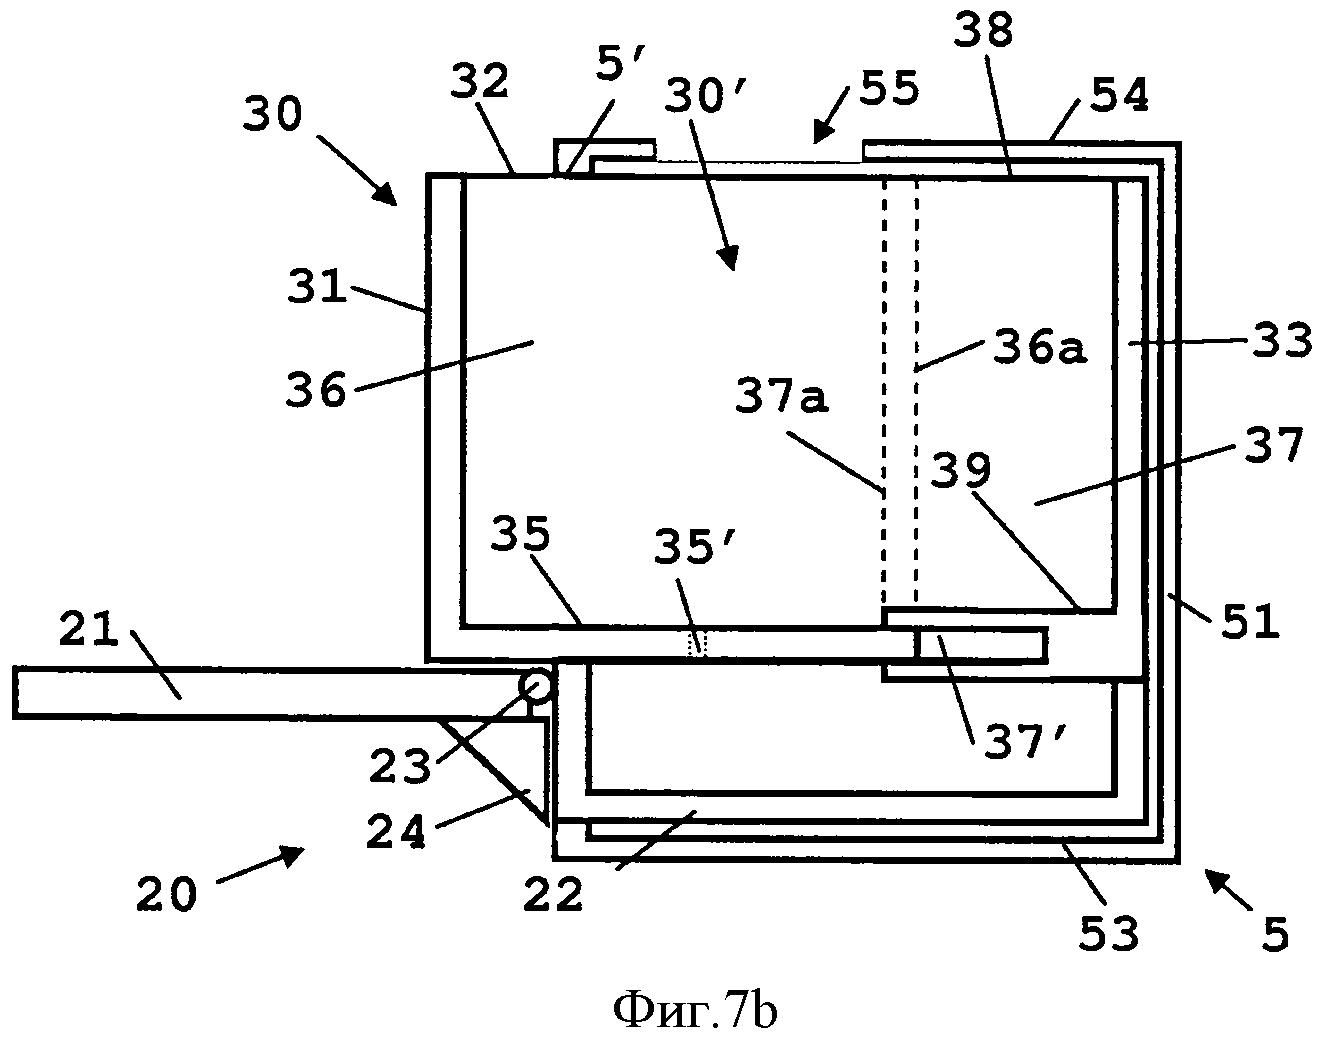 Приемник использованных капсул или контейнеров машин для приготовления жидкой пищи или напитков